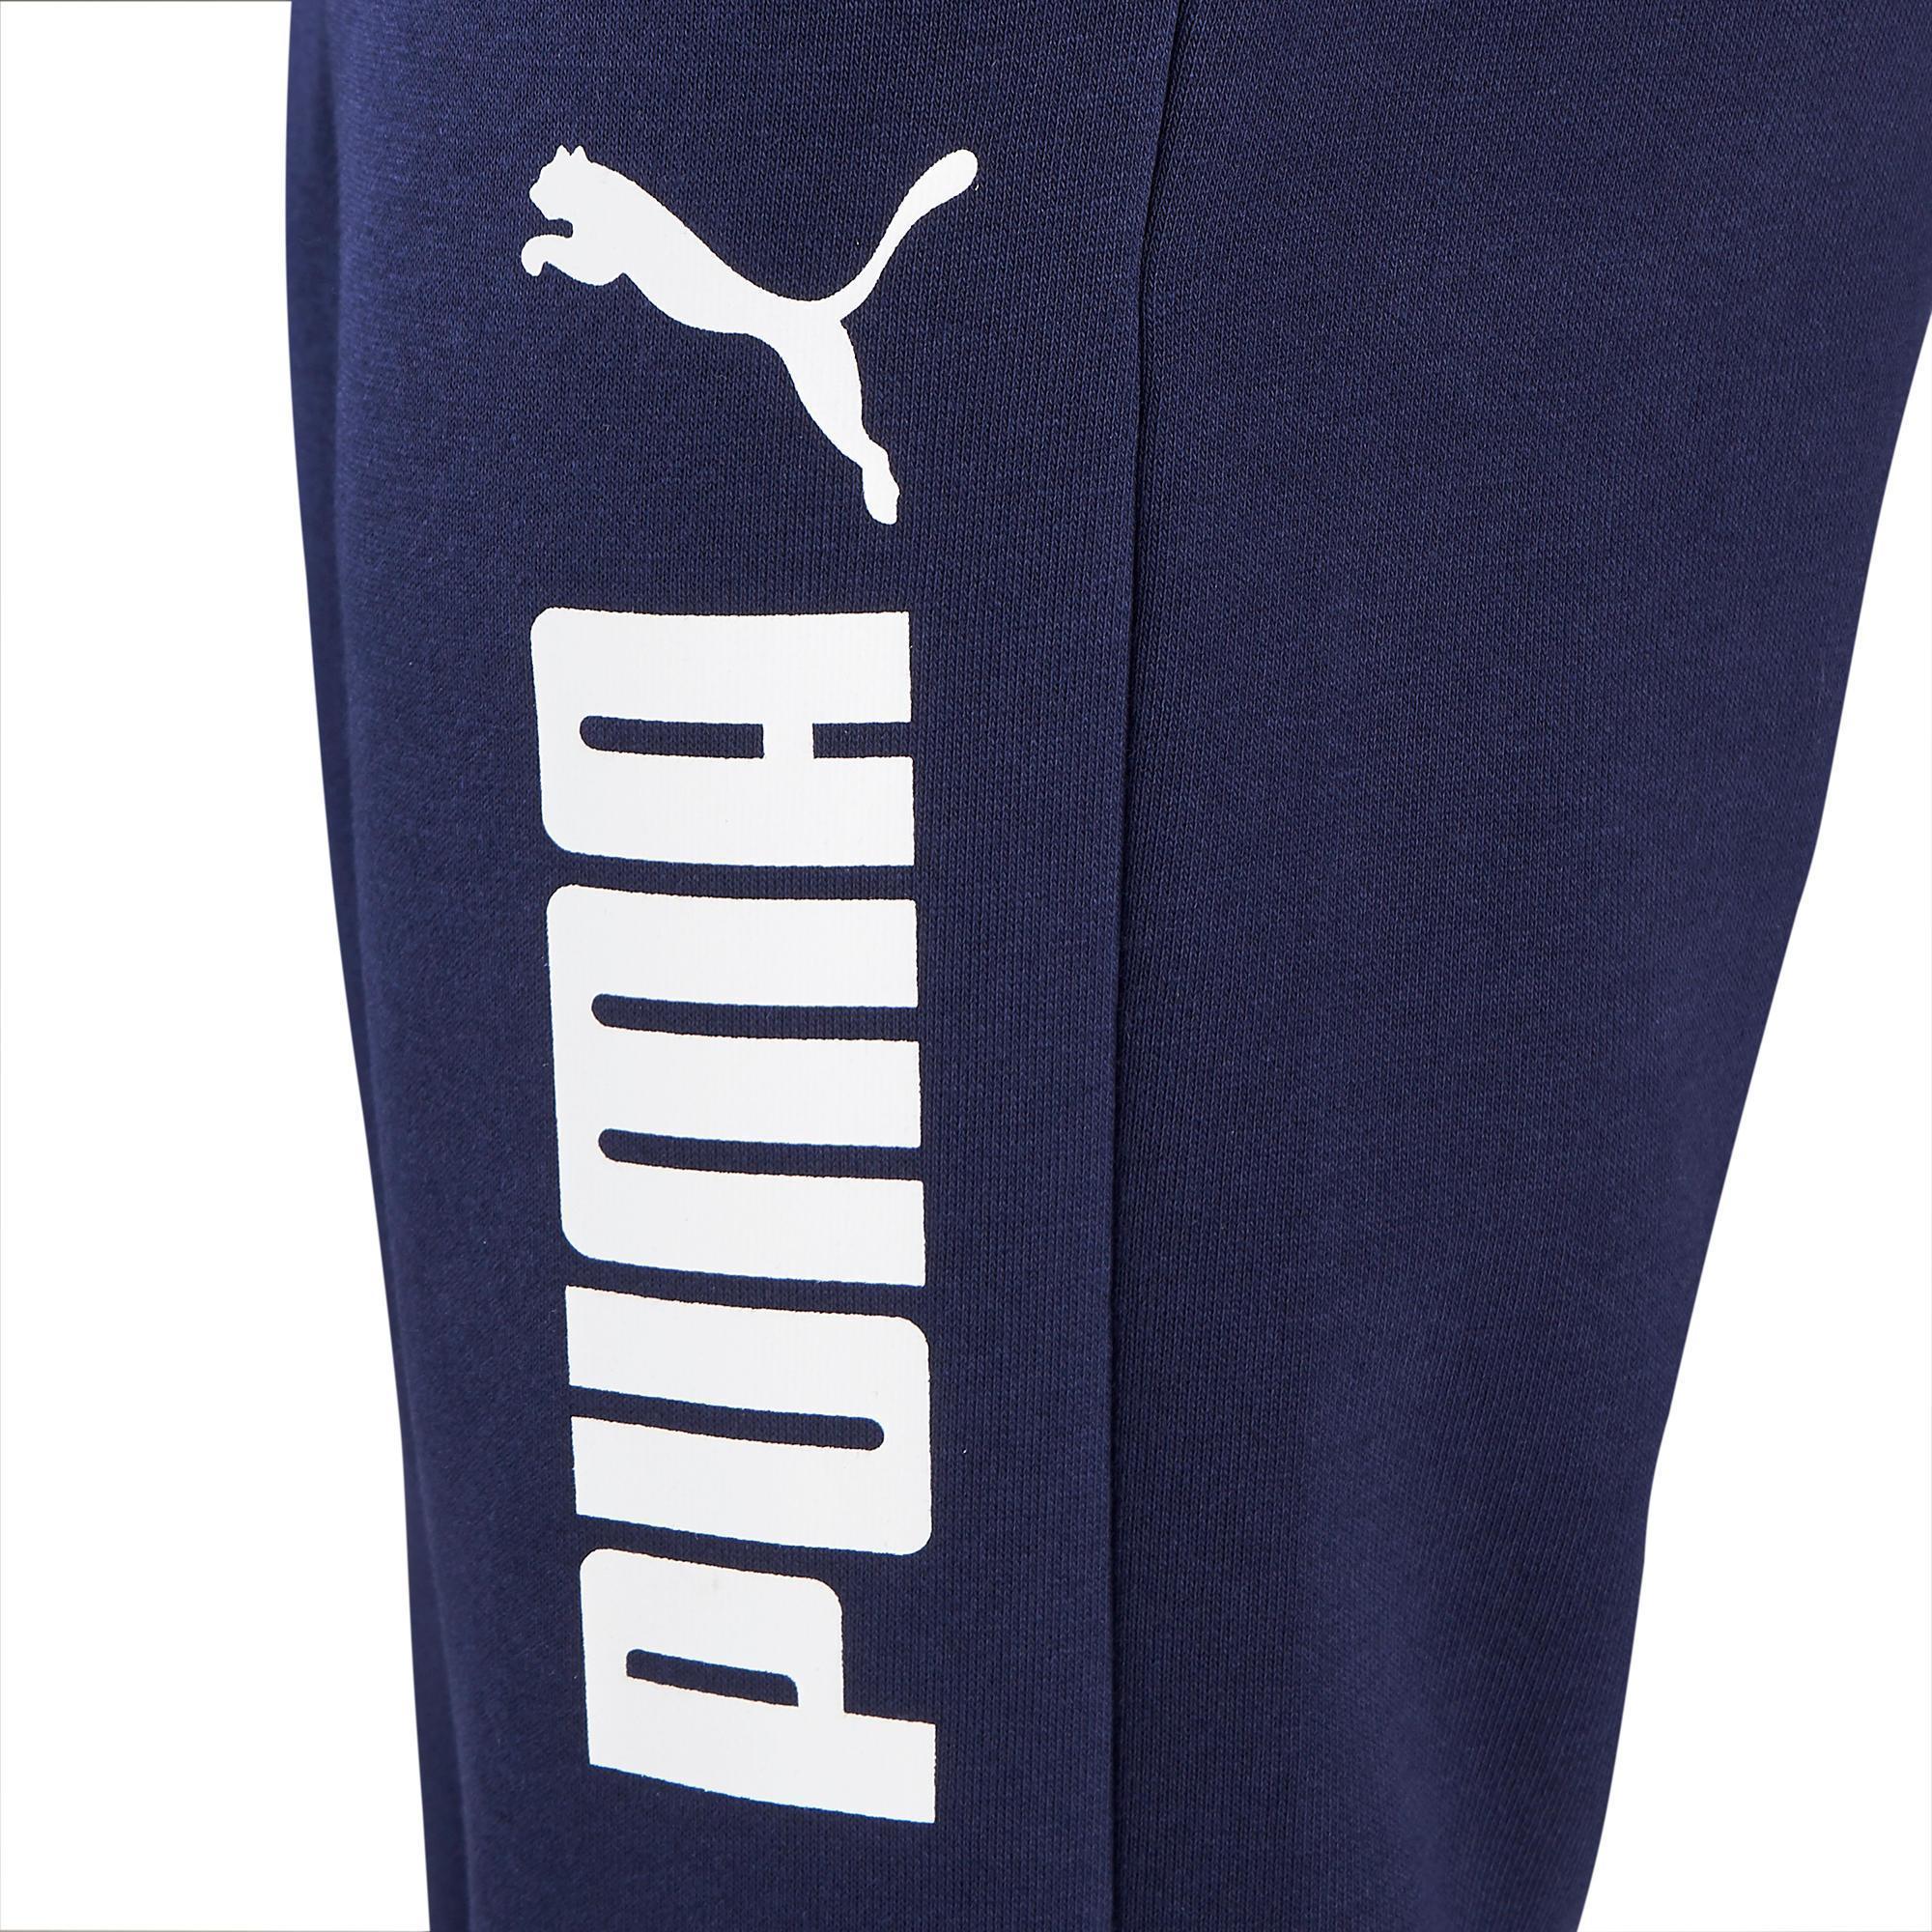 más lejos Pronombre Inadecuado  pantalon puma niño decathlon factory store ed366 0fdaa